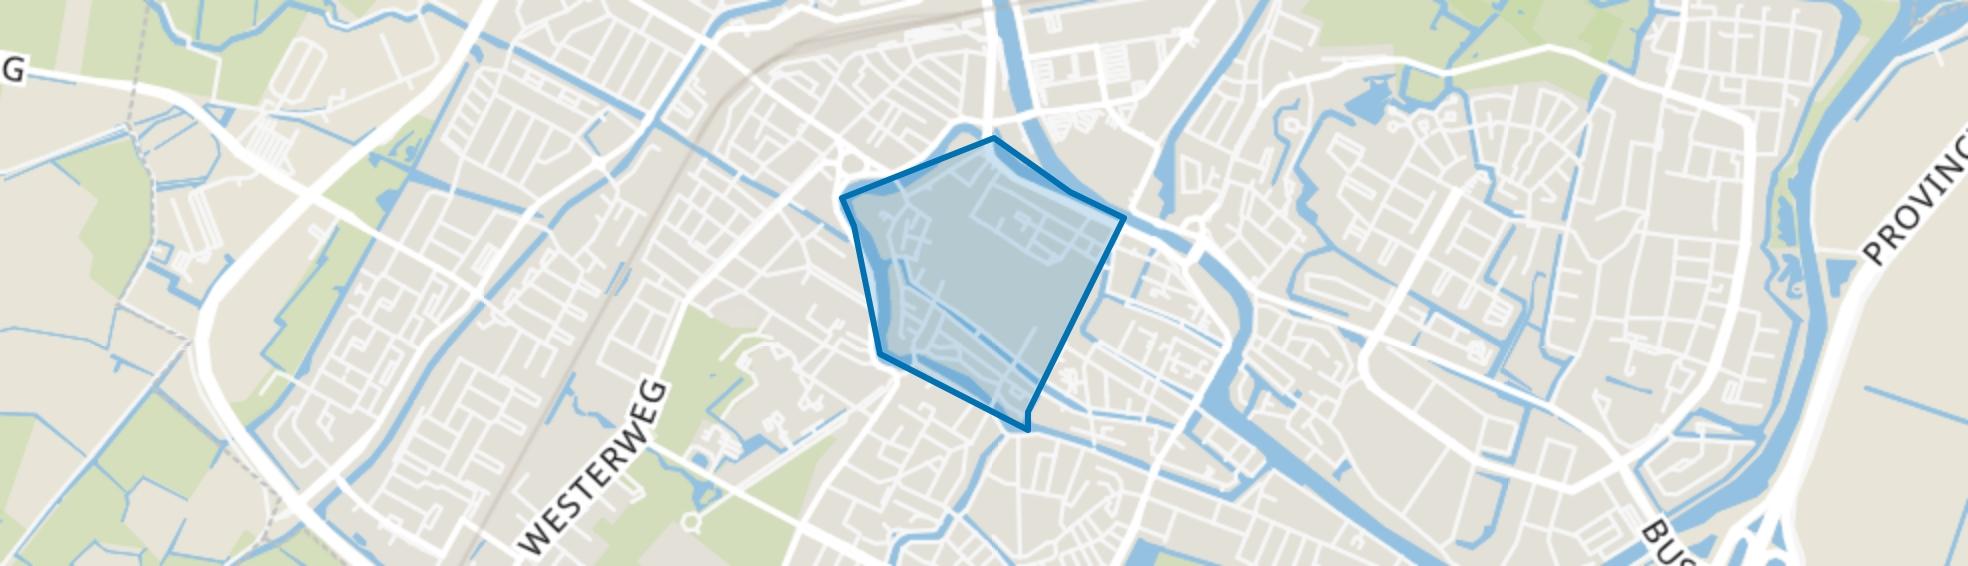 Binnenstad-West, Alkmaar map